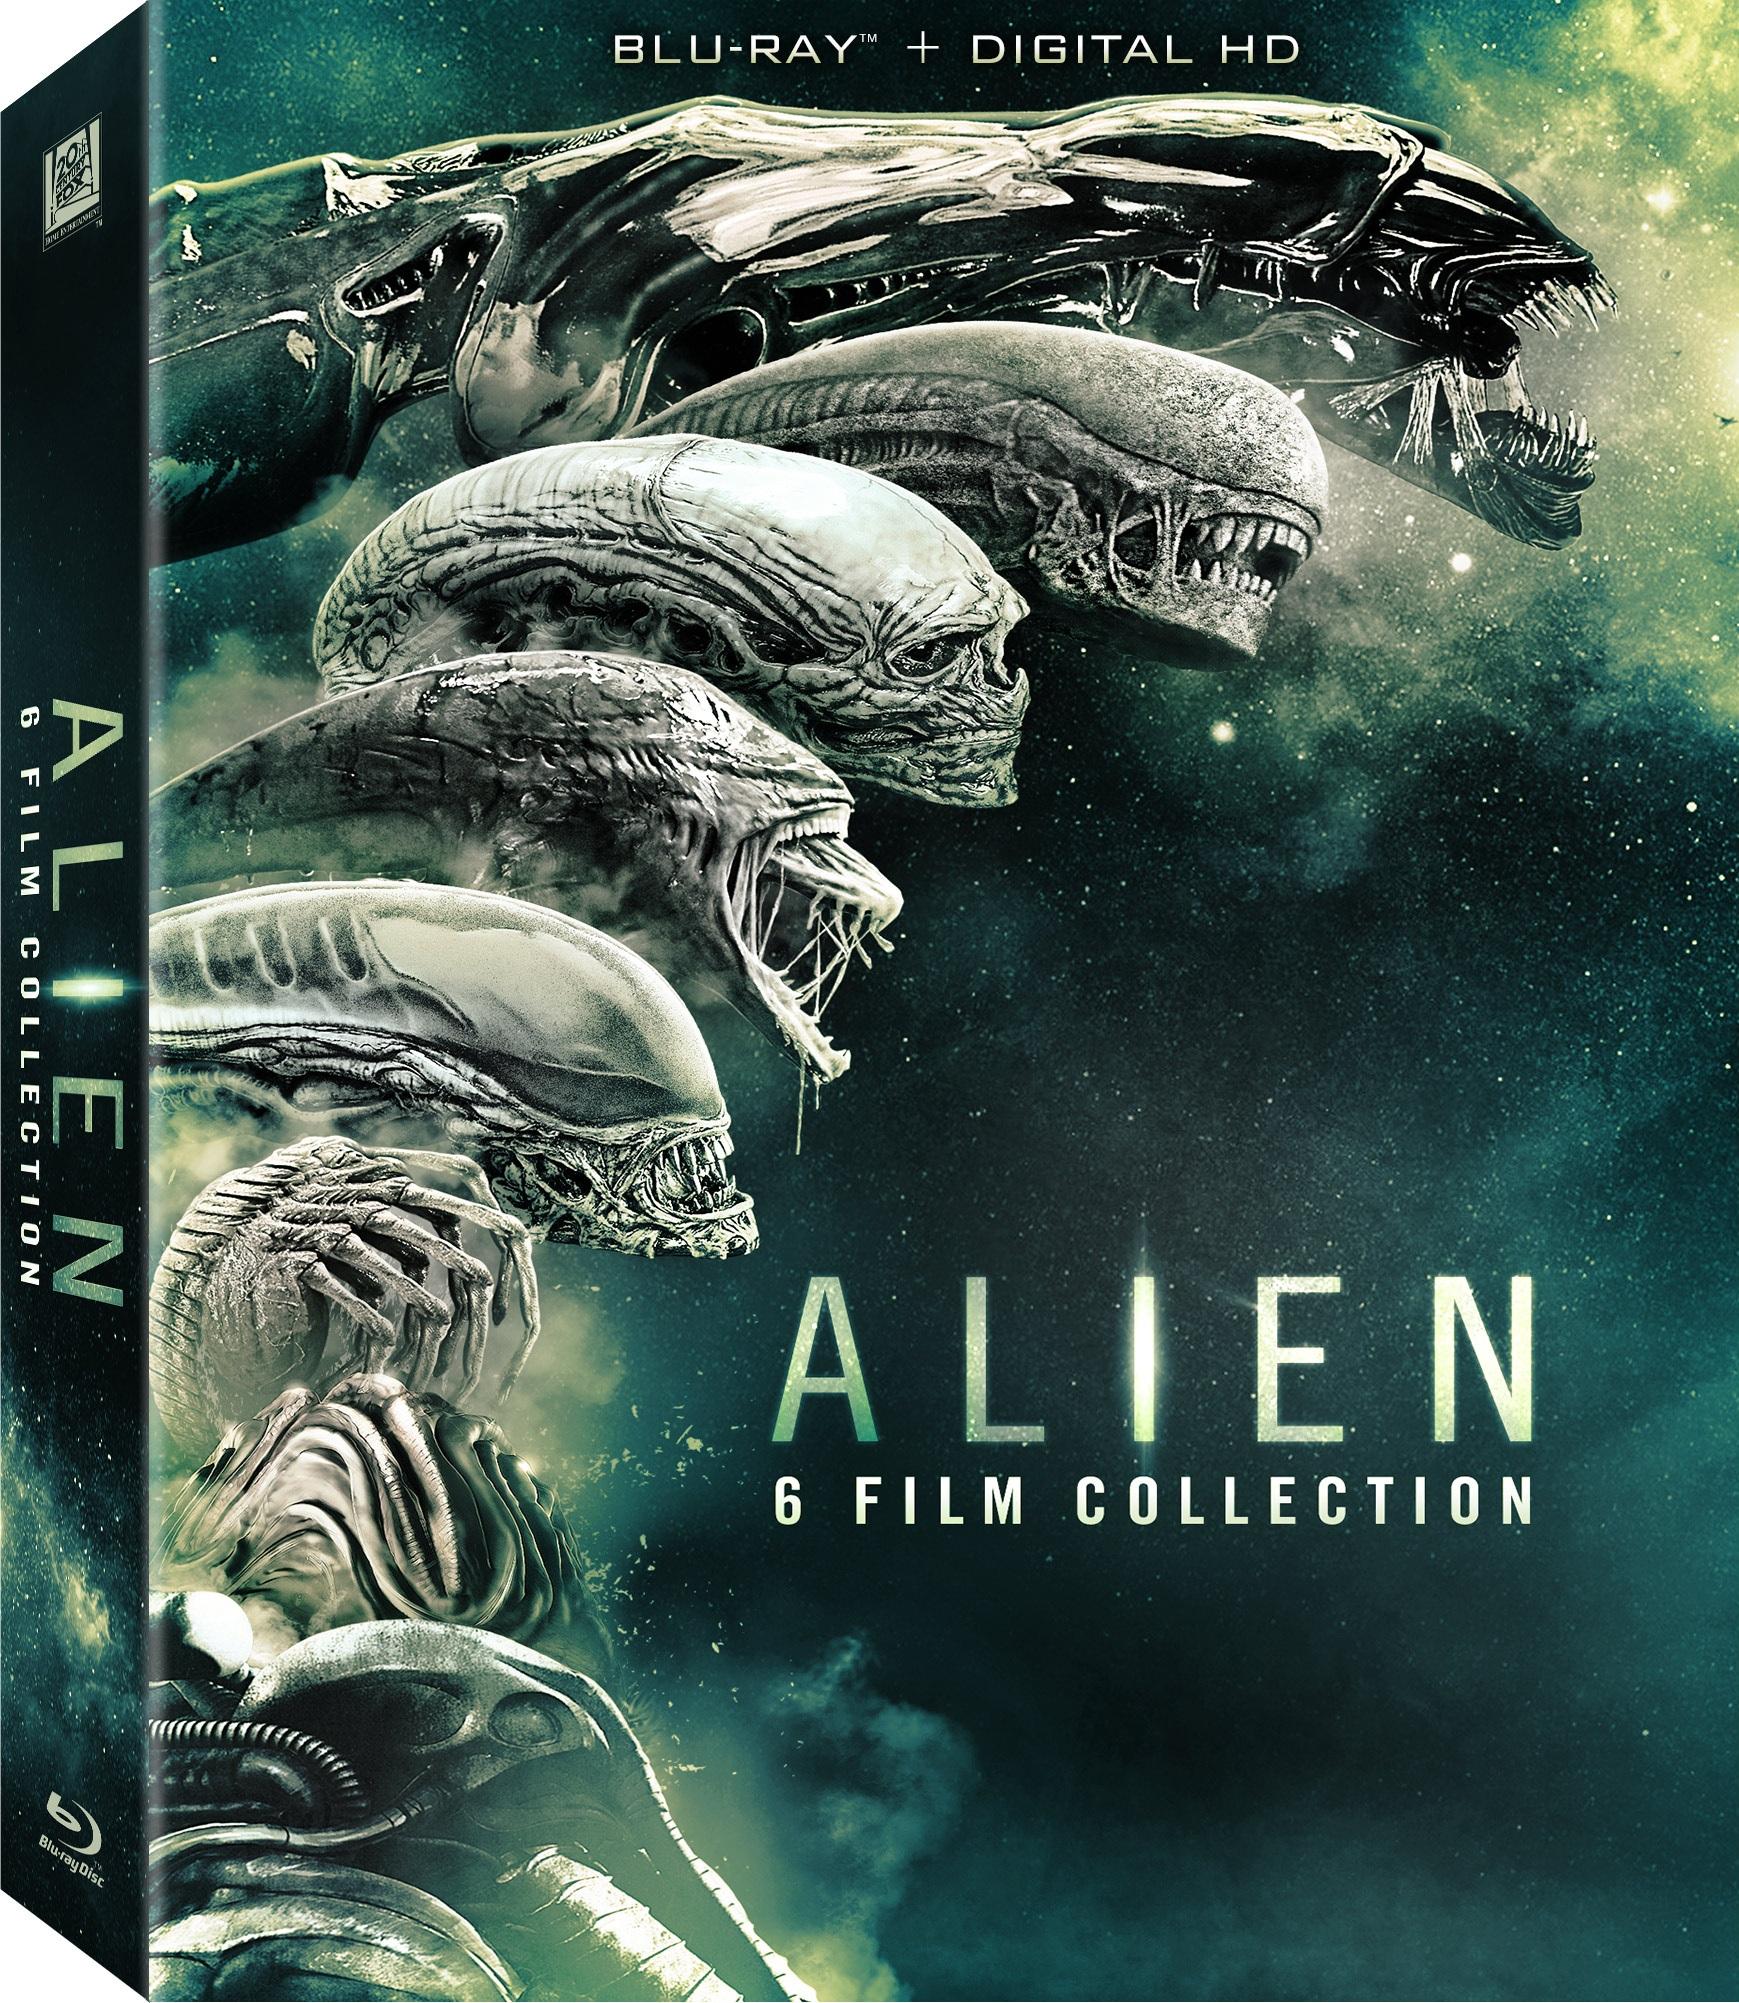 Alien 6